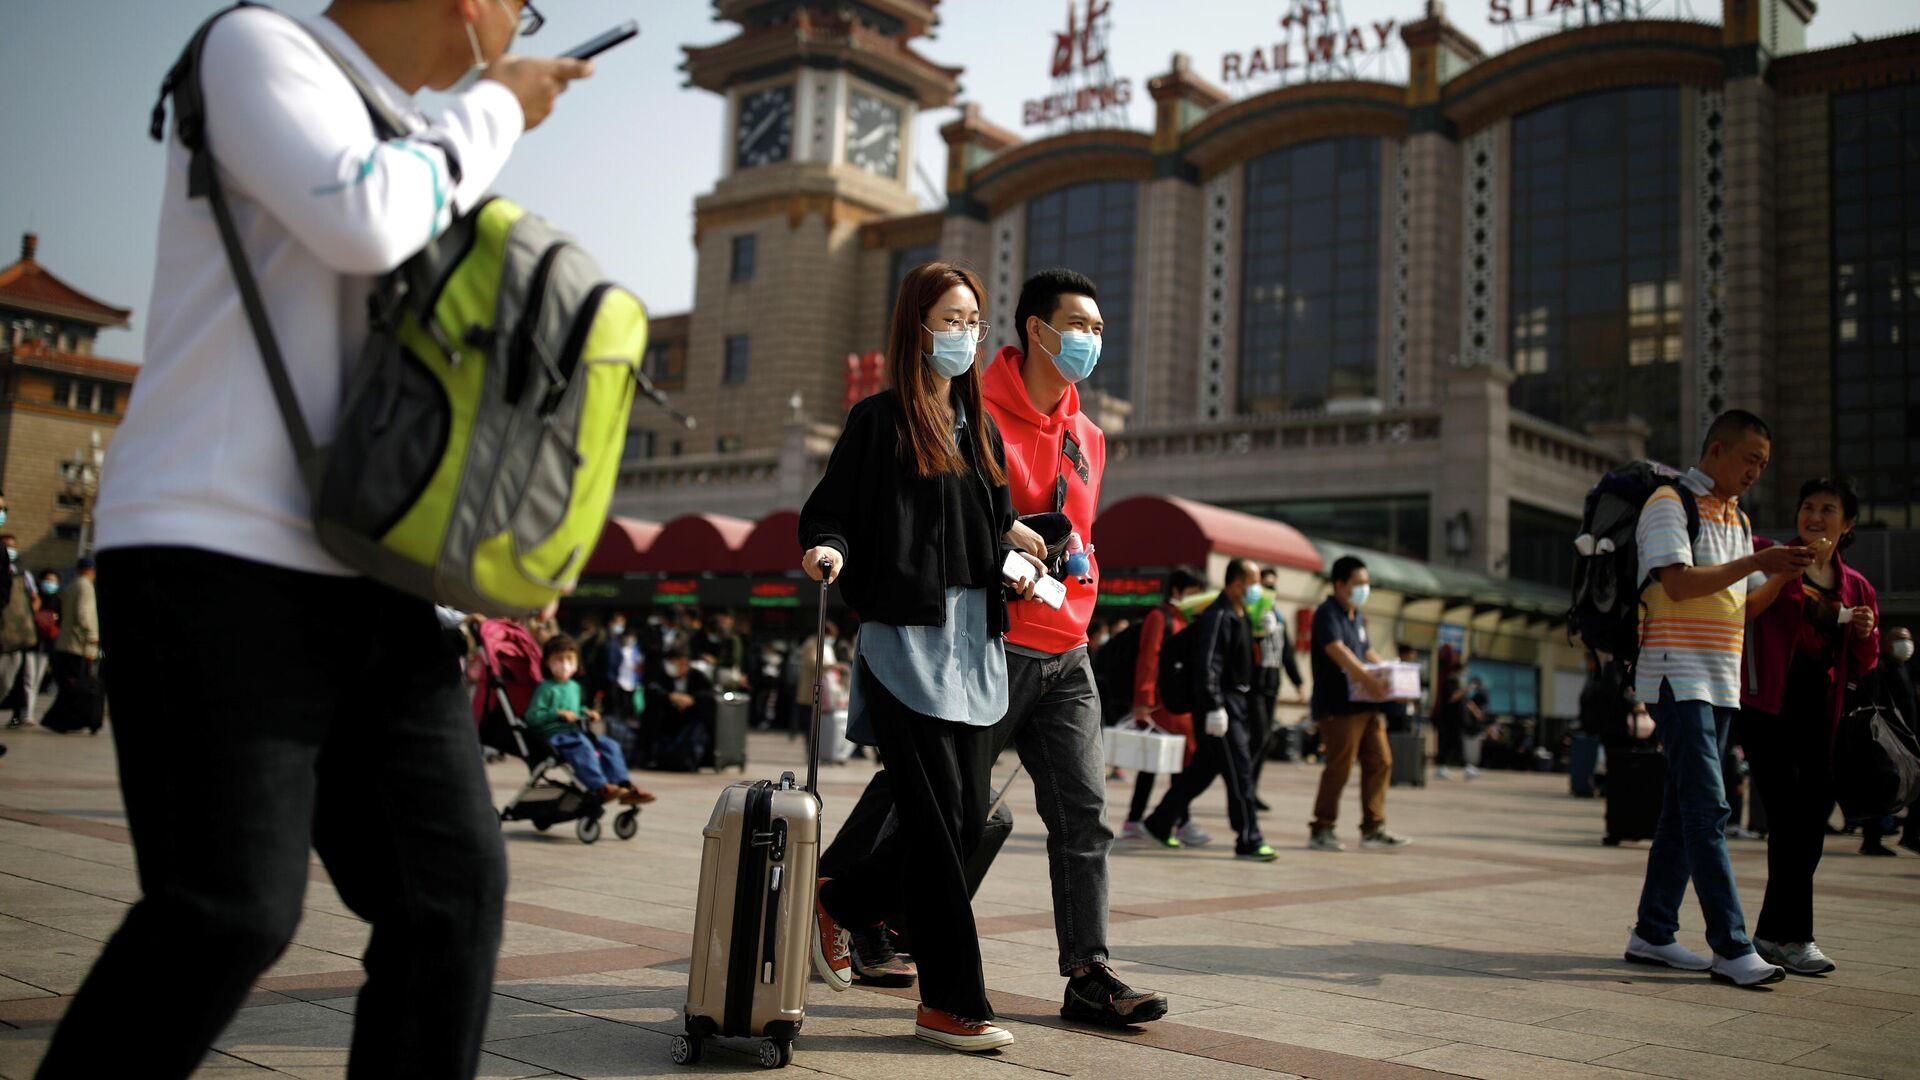 Люди с защитных масках возле железнодорожного вокзала в Пекине  - РИА Новости, 1920, 10.10.2020